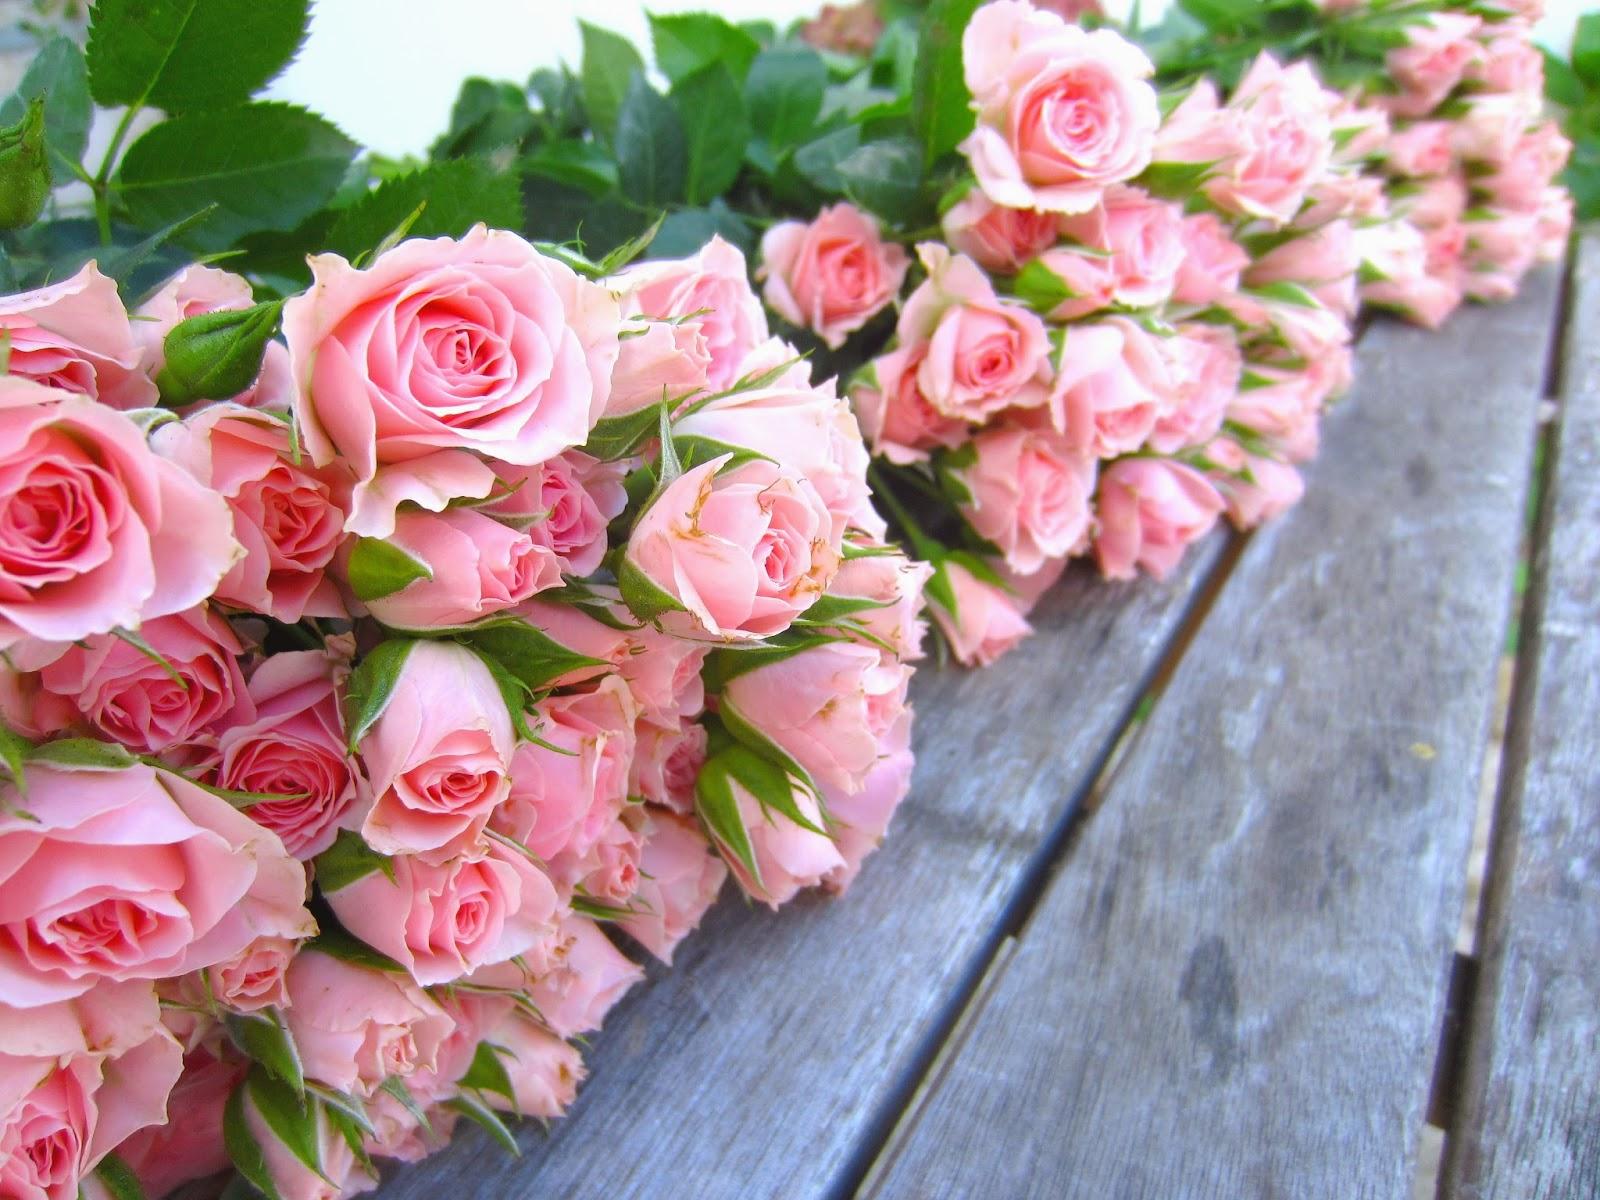 la petite boutique de fleurs fleuriste mariage lyon mariages en images. Black Bedroom Furniture Sets. Home Design Ideas